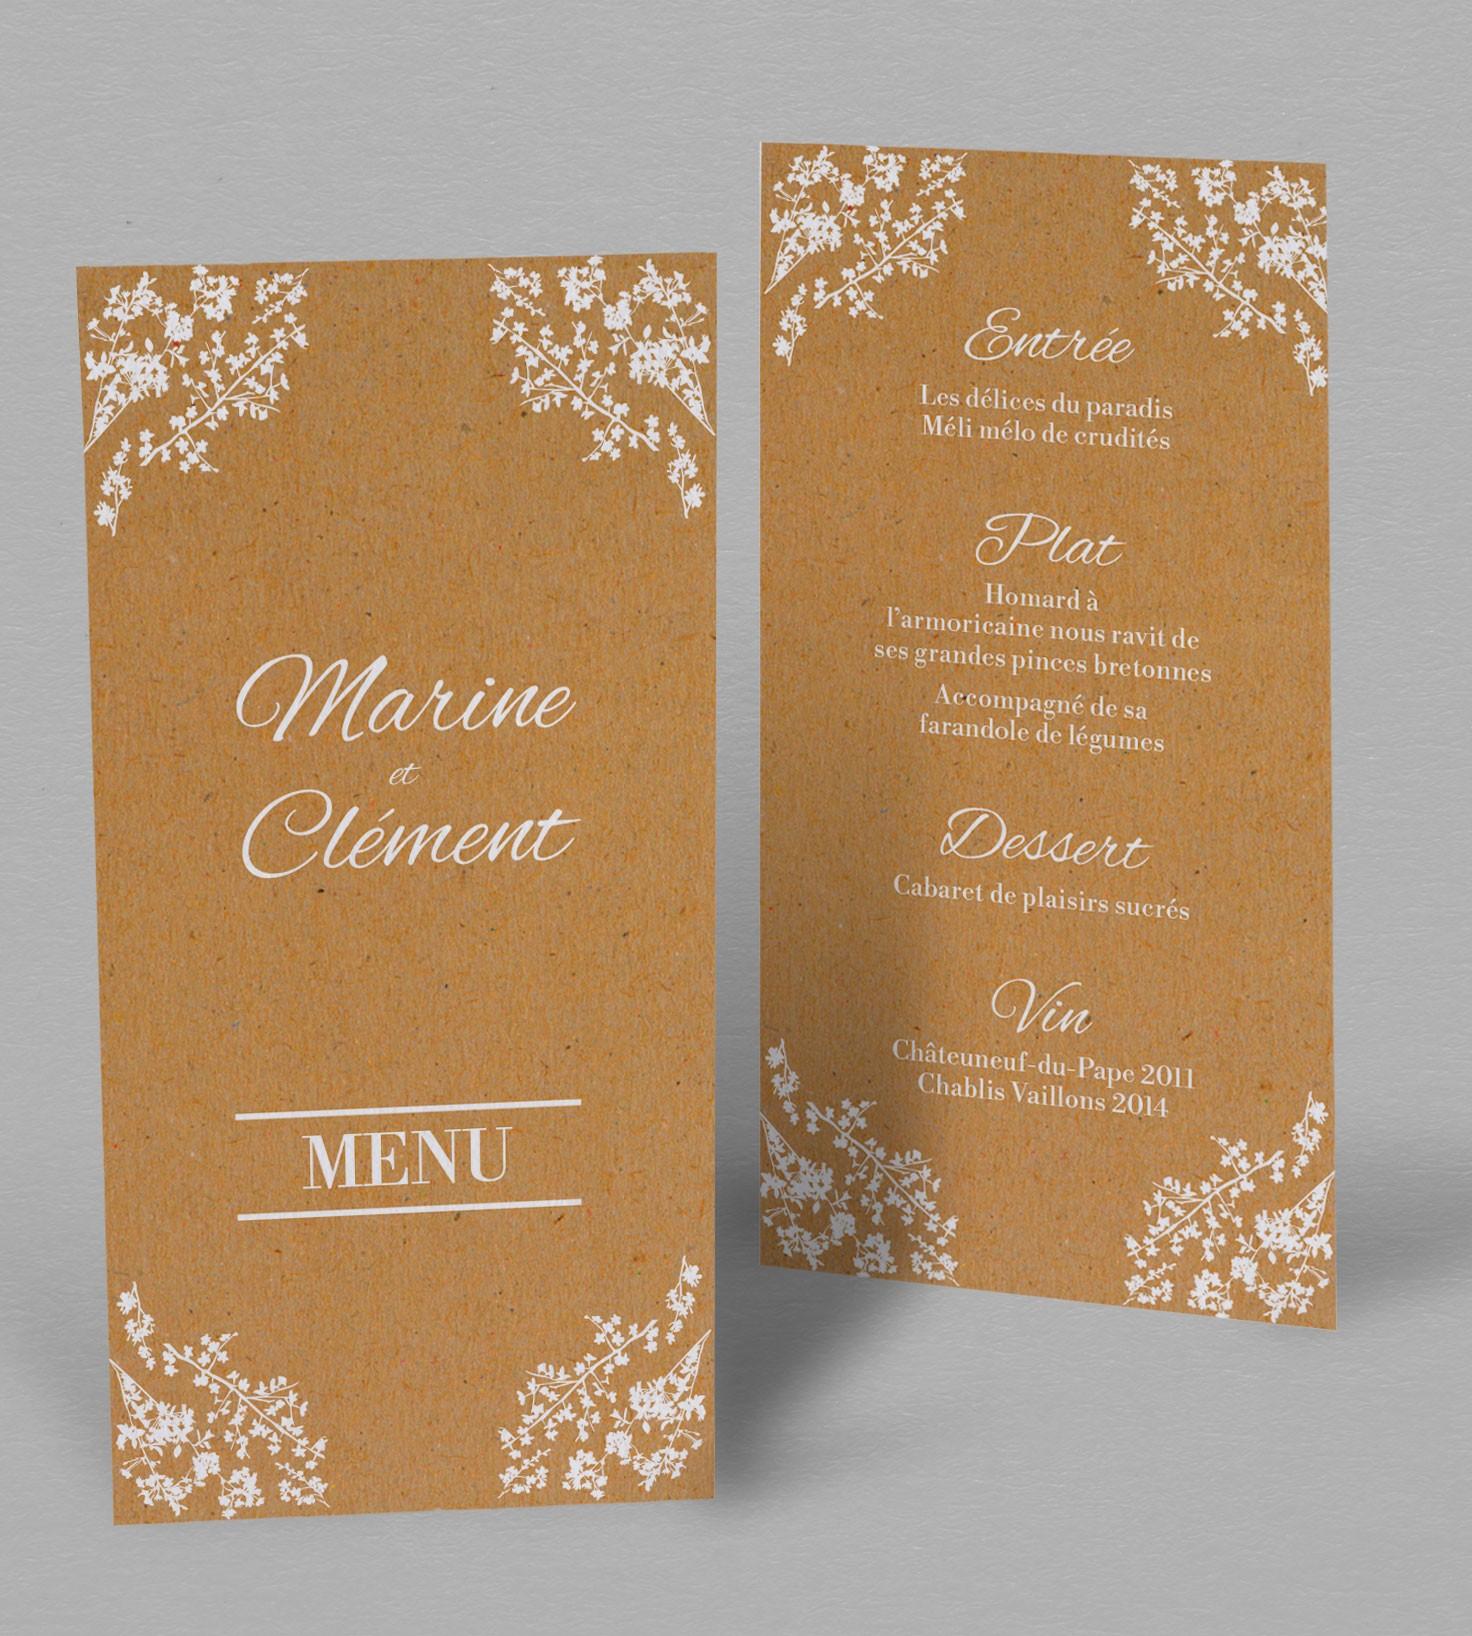 menu de mariage champ u00eatre  u00e0 personnaliser en ligne